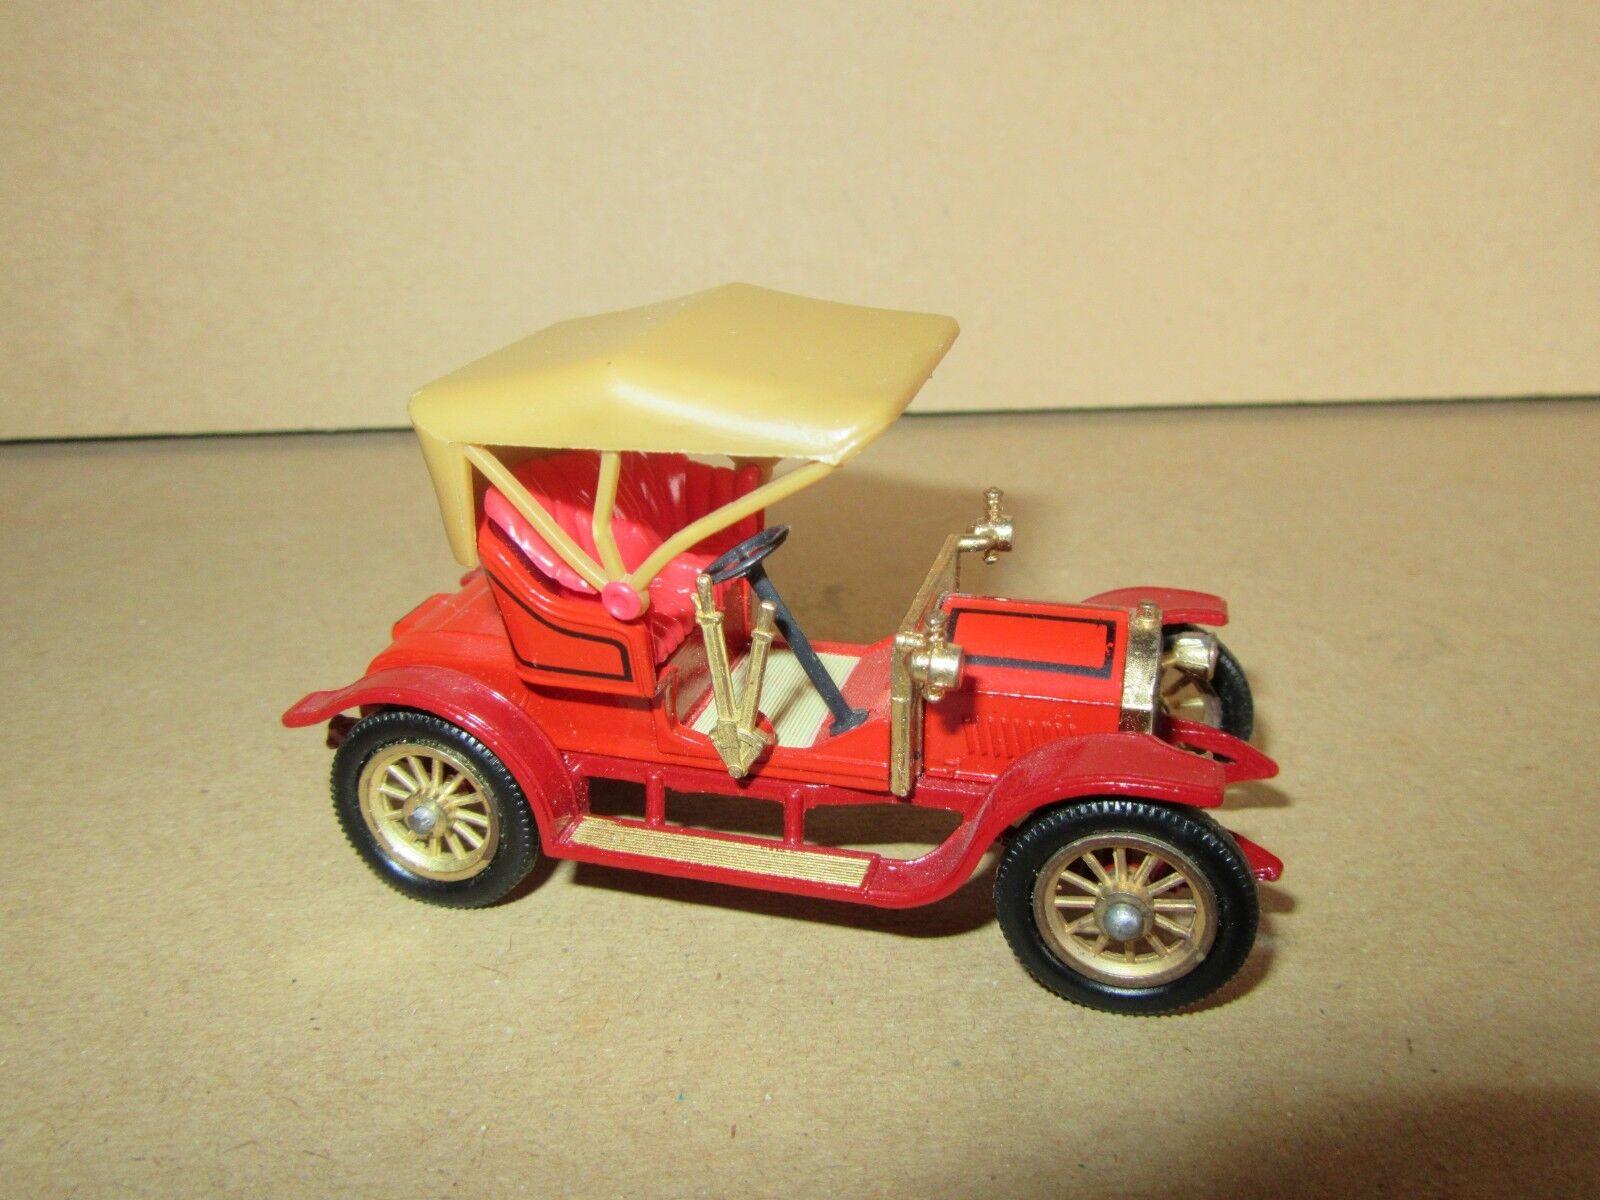 952h selten matchbox limitierten edition opel - coup é 1909 rot